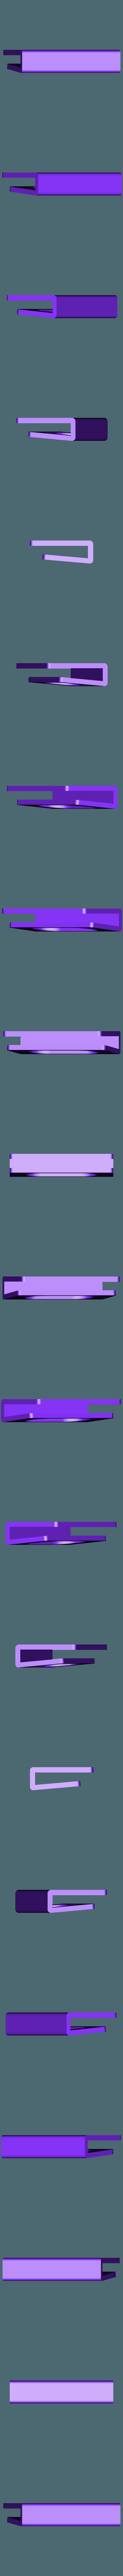 Webcam_hiding_3.stl Download STL file Webcam Hiding • 3D printable object, rdu